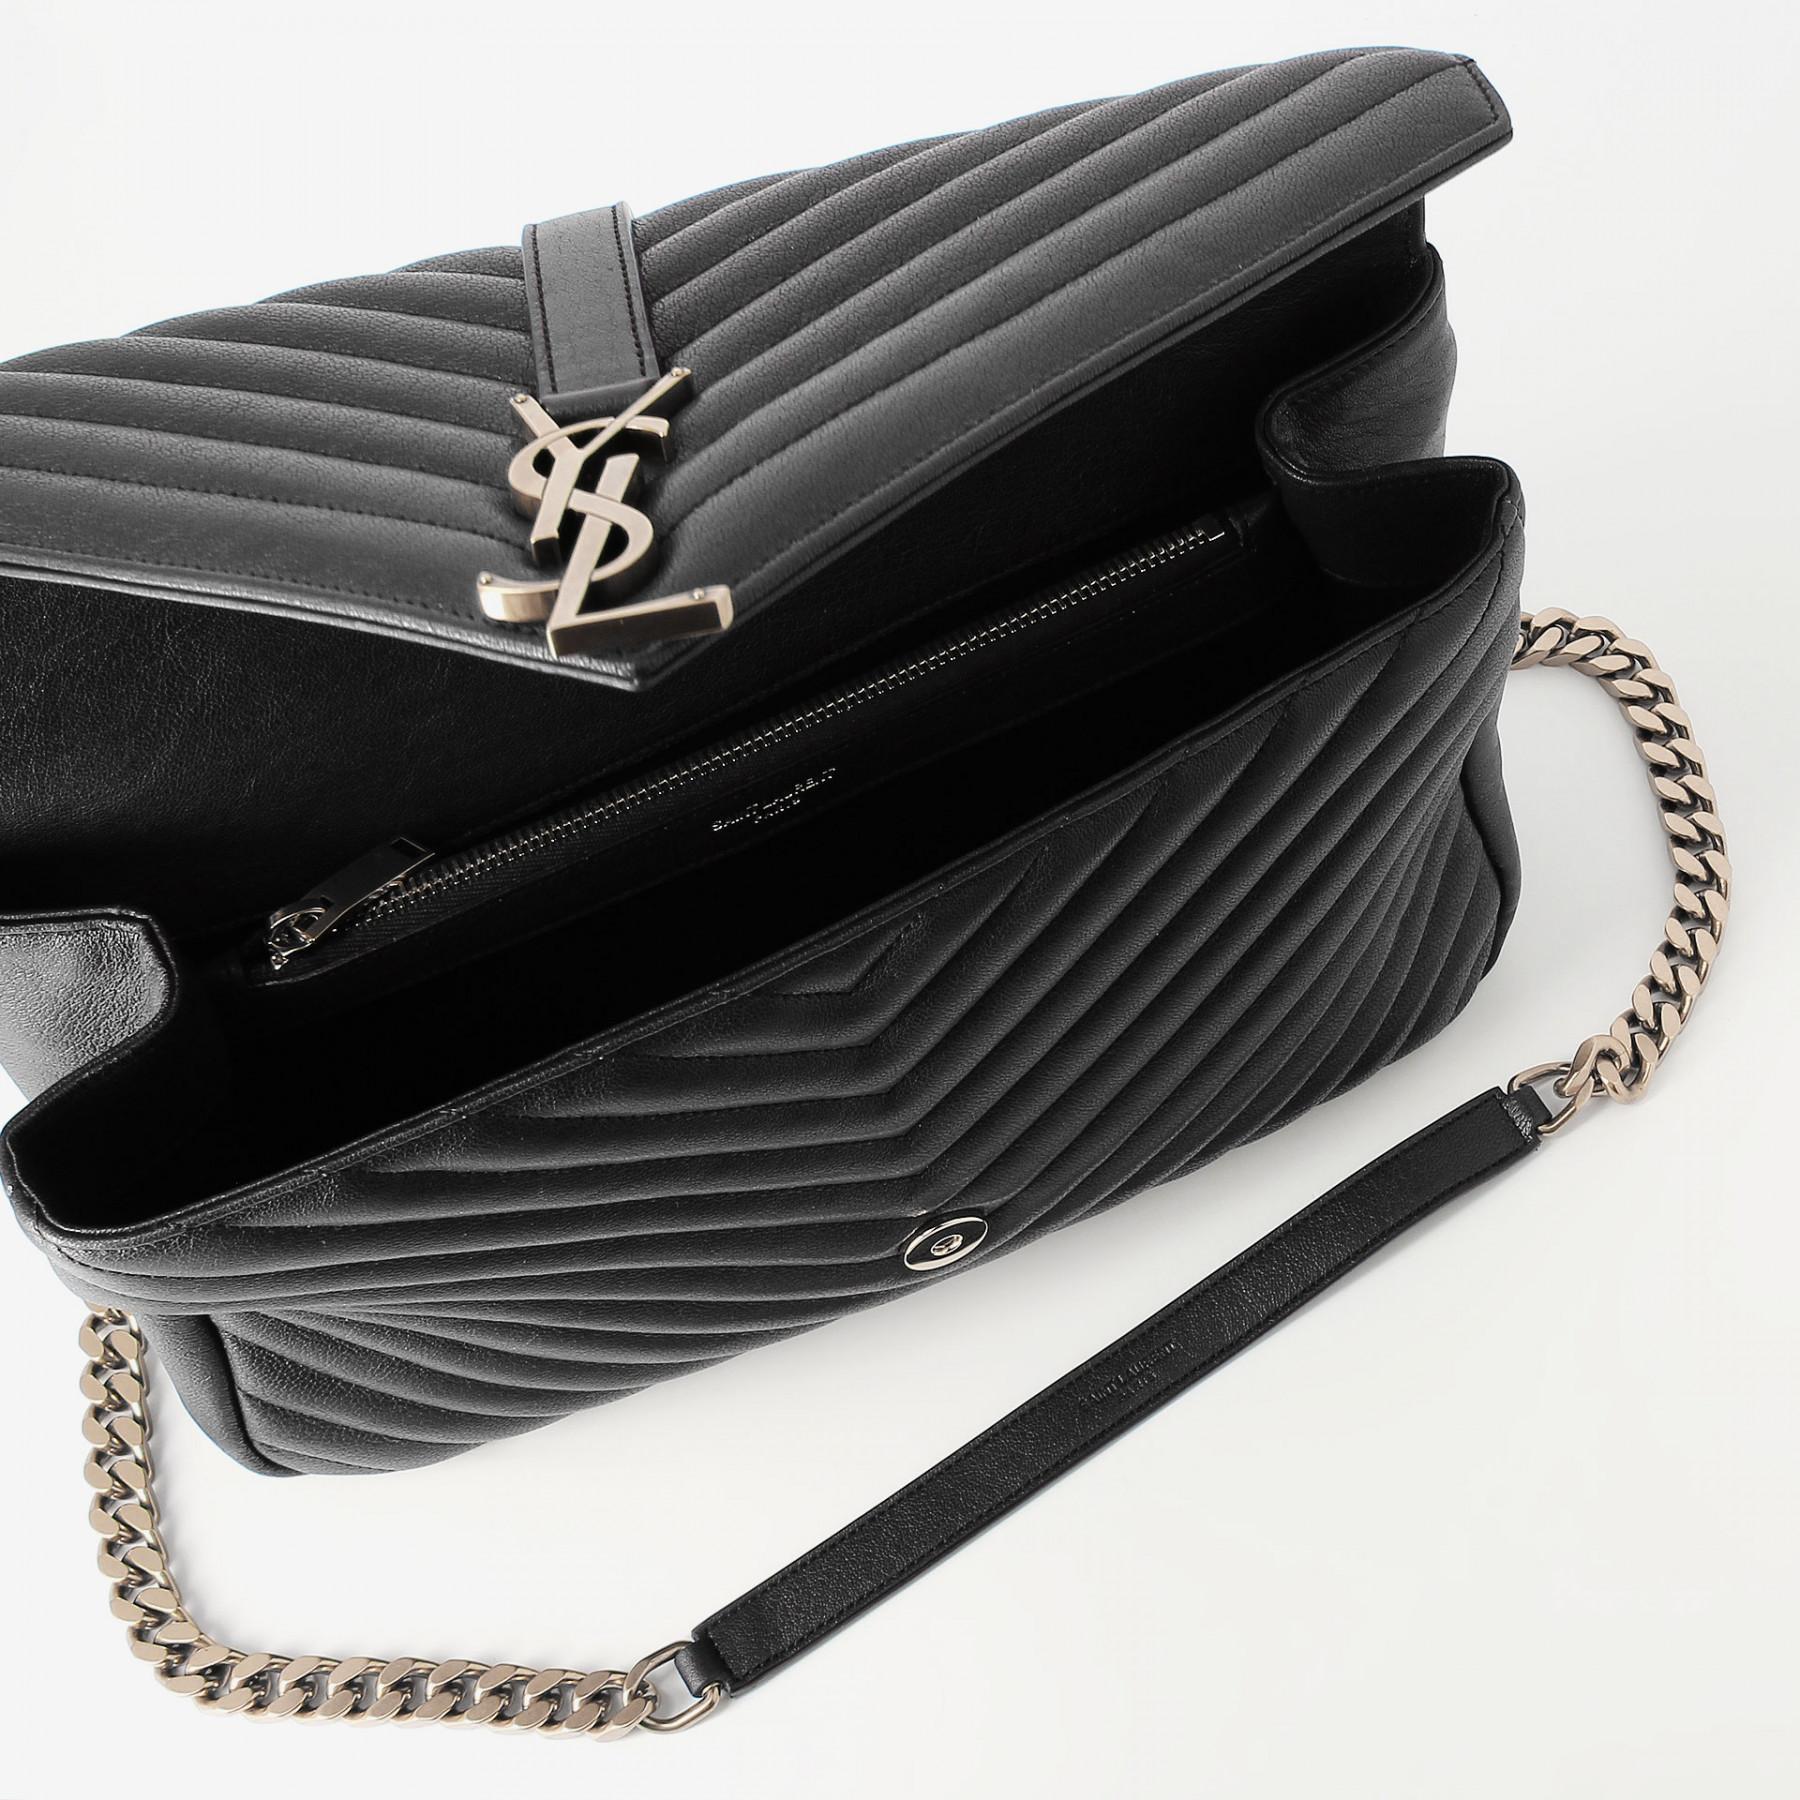 e622d240a4c2 Lyst - Saint Laurent College Bag in Black